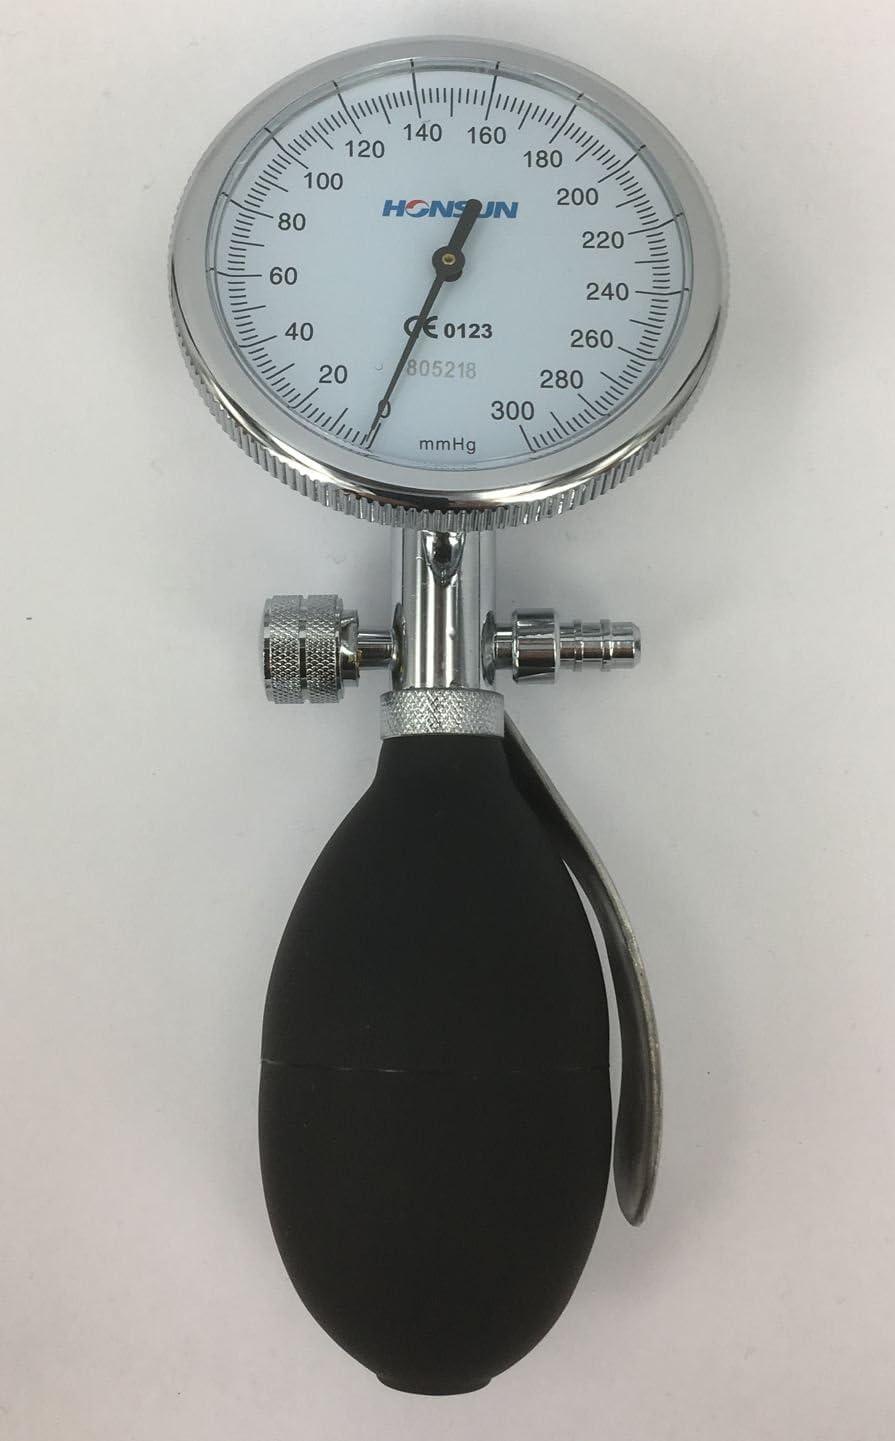 Lyall Willis Tensiómetro aneroide – Palma Modelo – Monitor de presión arterial con manguito para adultos.: Amazon.es: Salud y cuidado personal